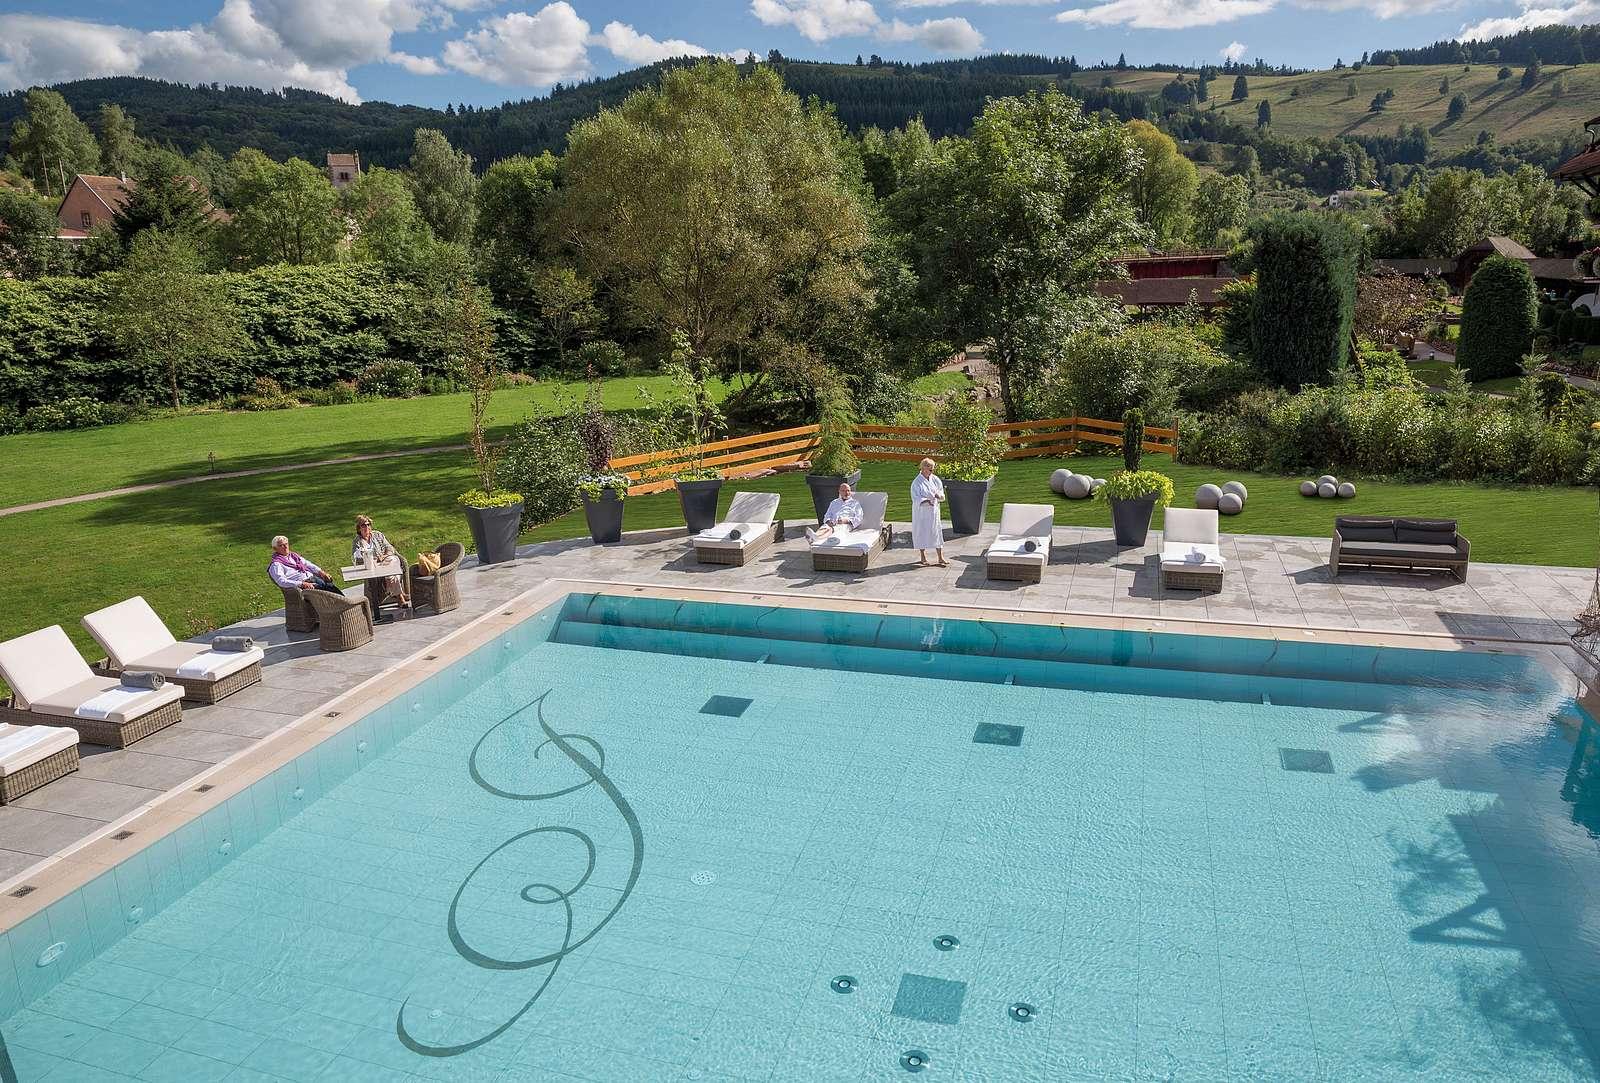 www.hoteljulien.fr Crédit photo : Mr Meyer, Charlie Roy & Jean-Baptiste Merillot